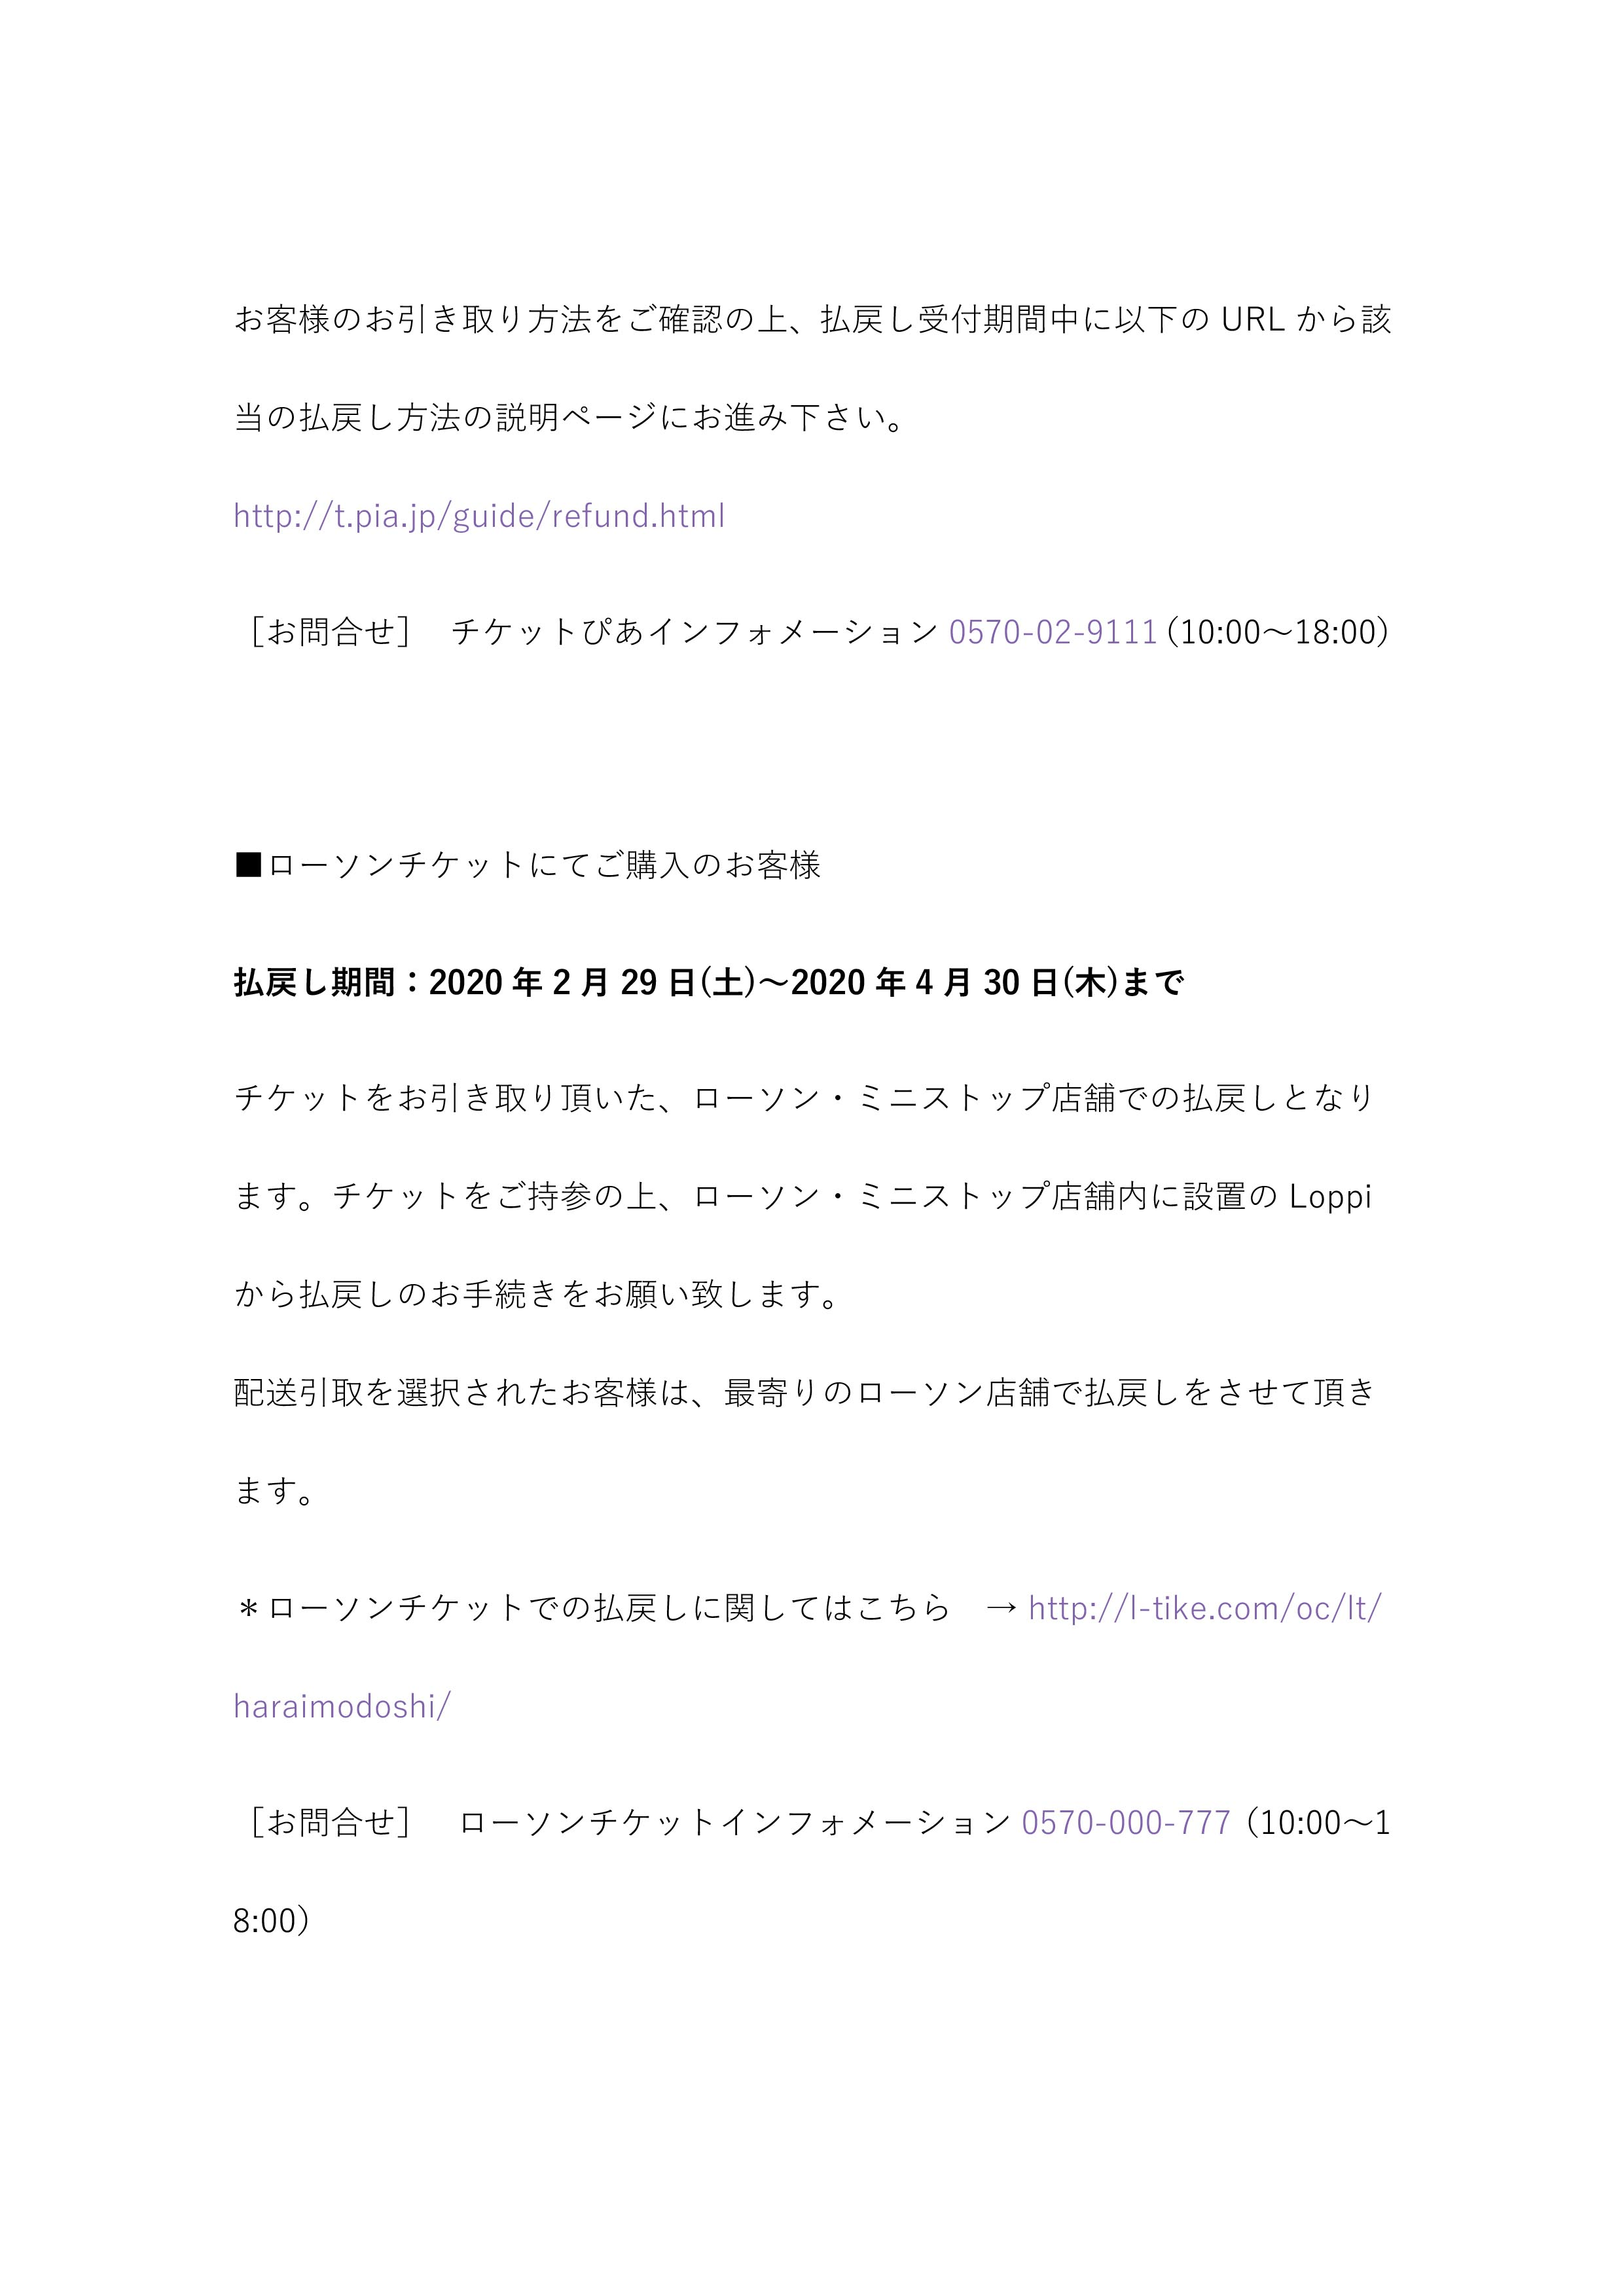 【公演延期】 Brand New Vibe 3.1@WWW X-3.jpg